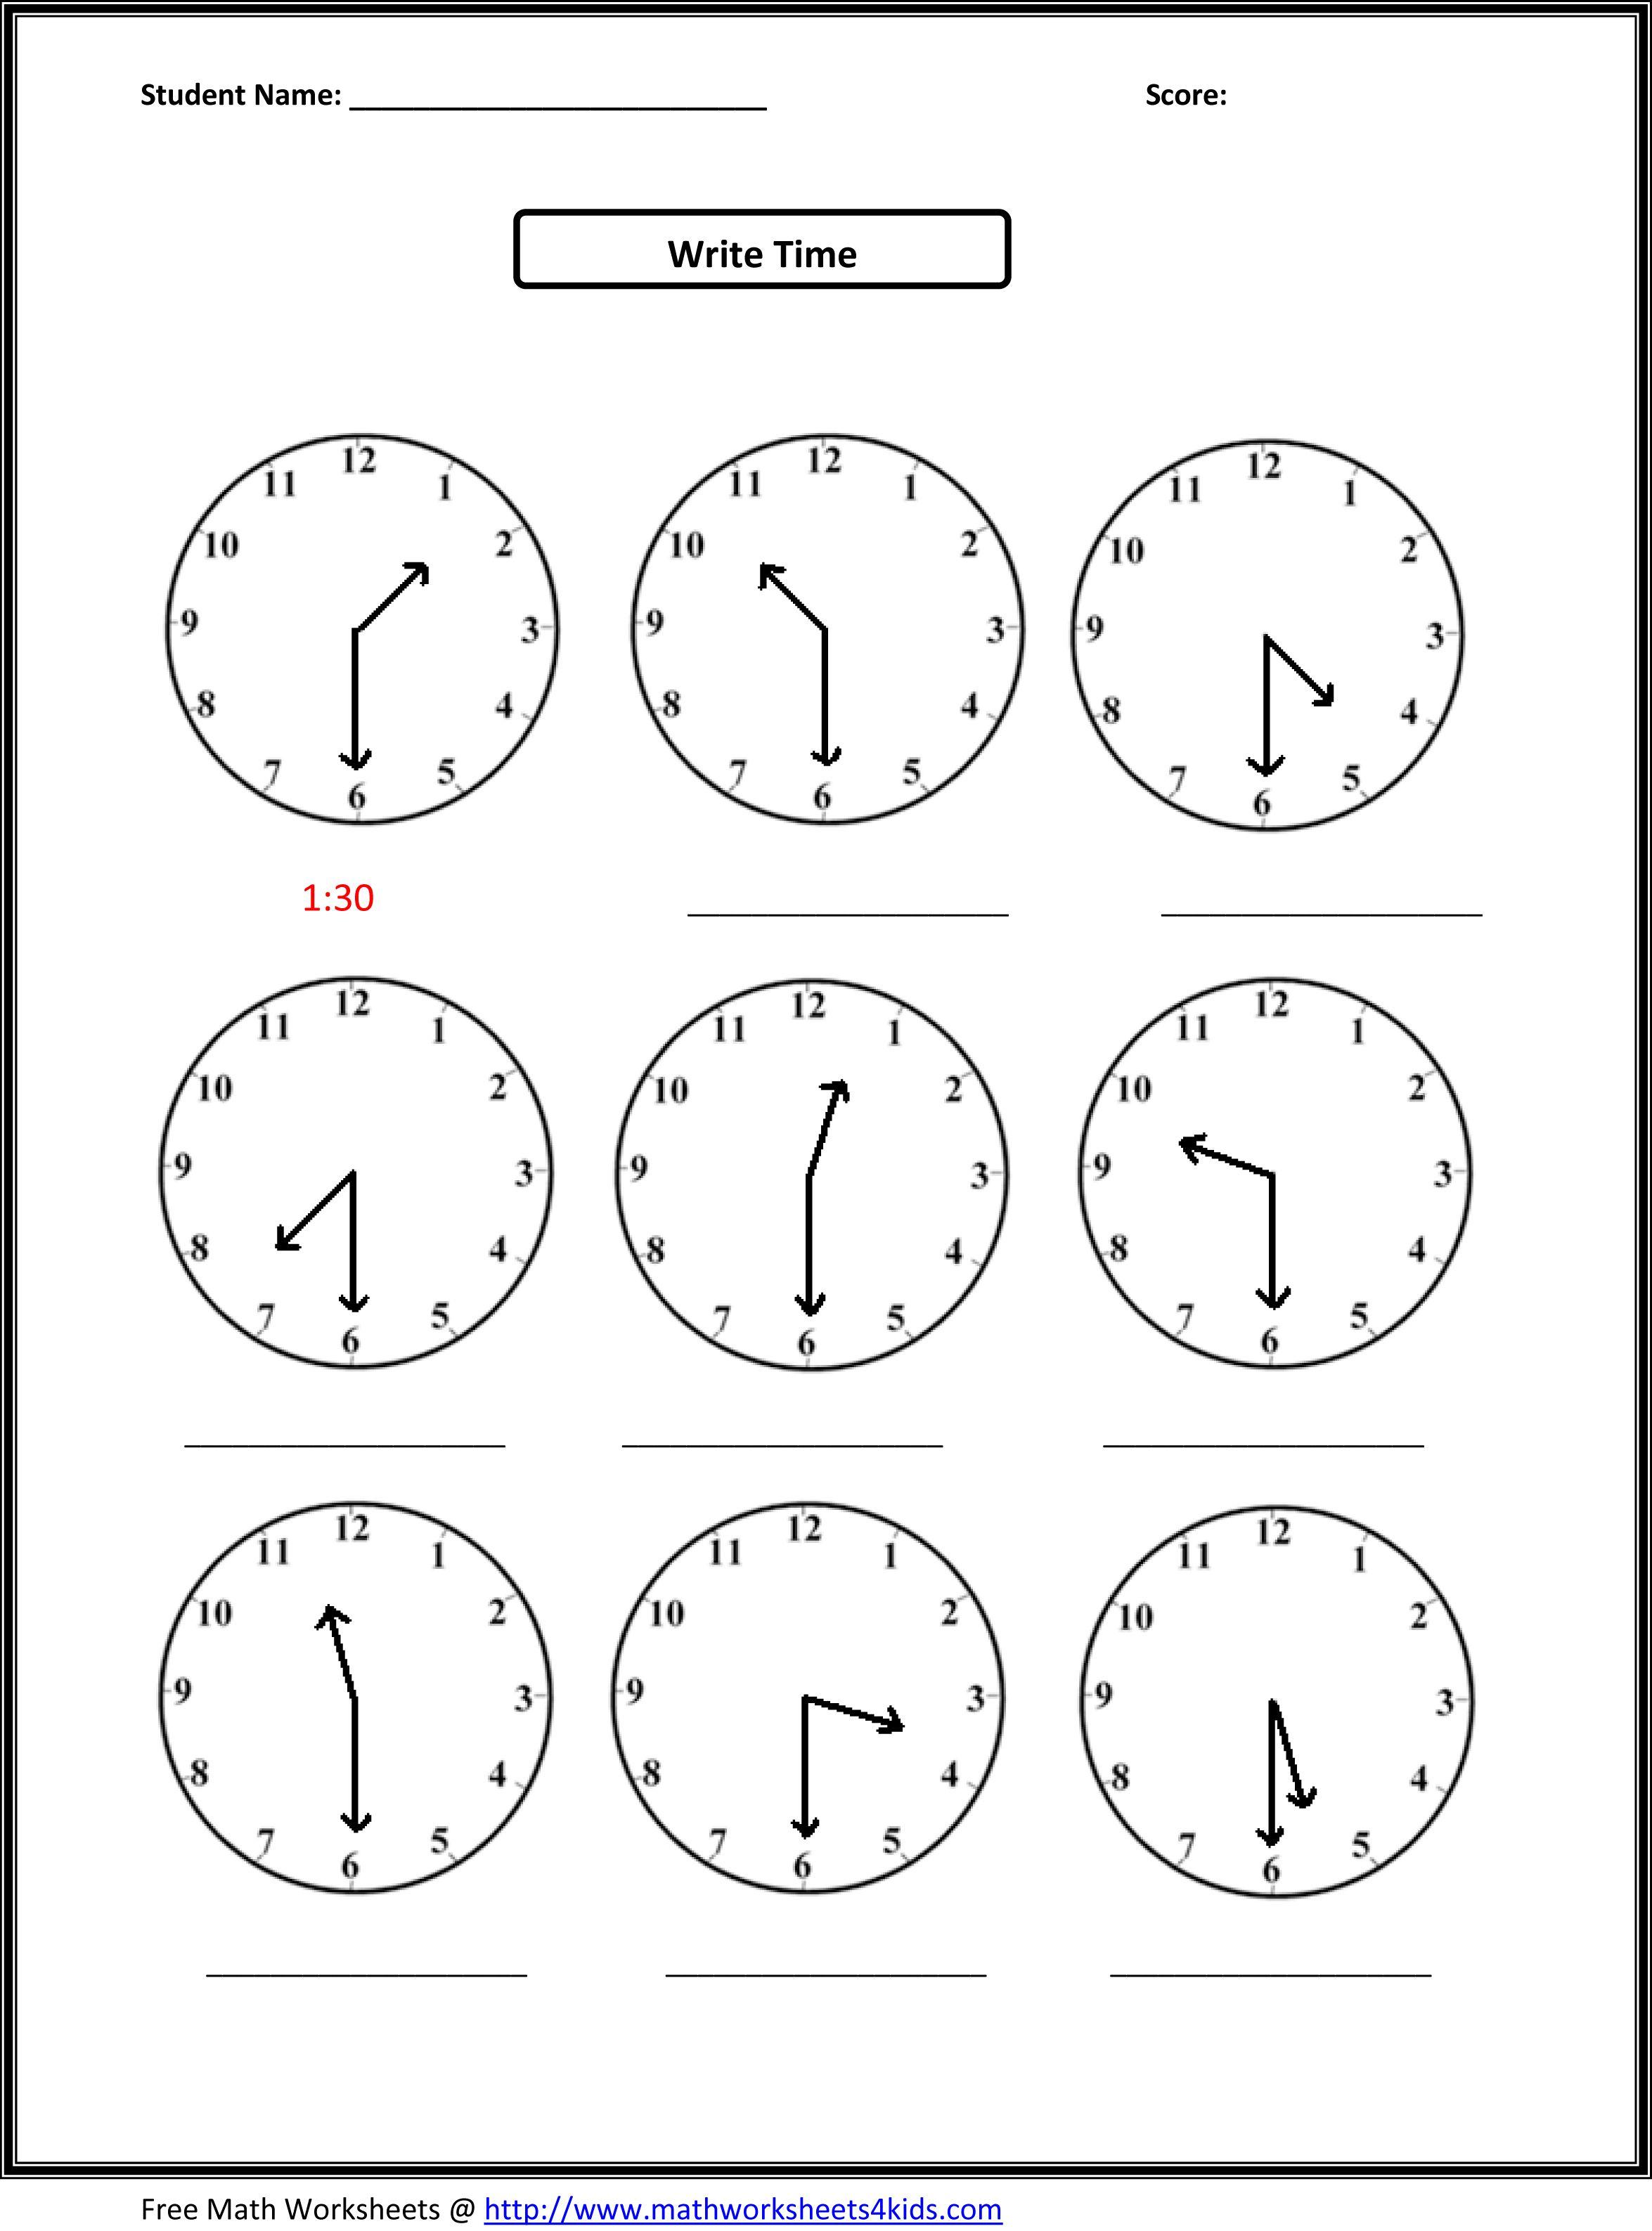 Elapsed Time Worksheet For Third Graders